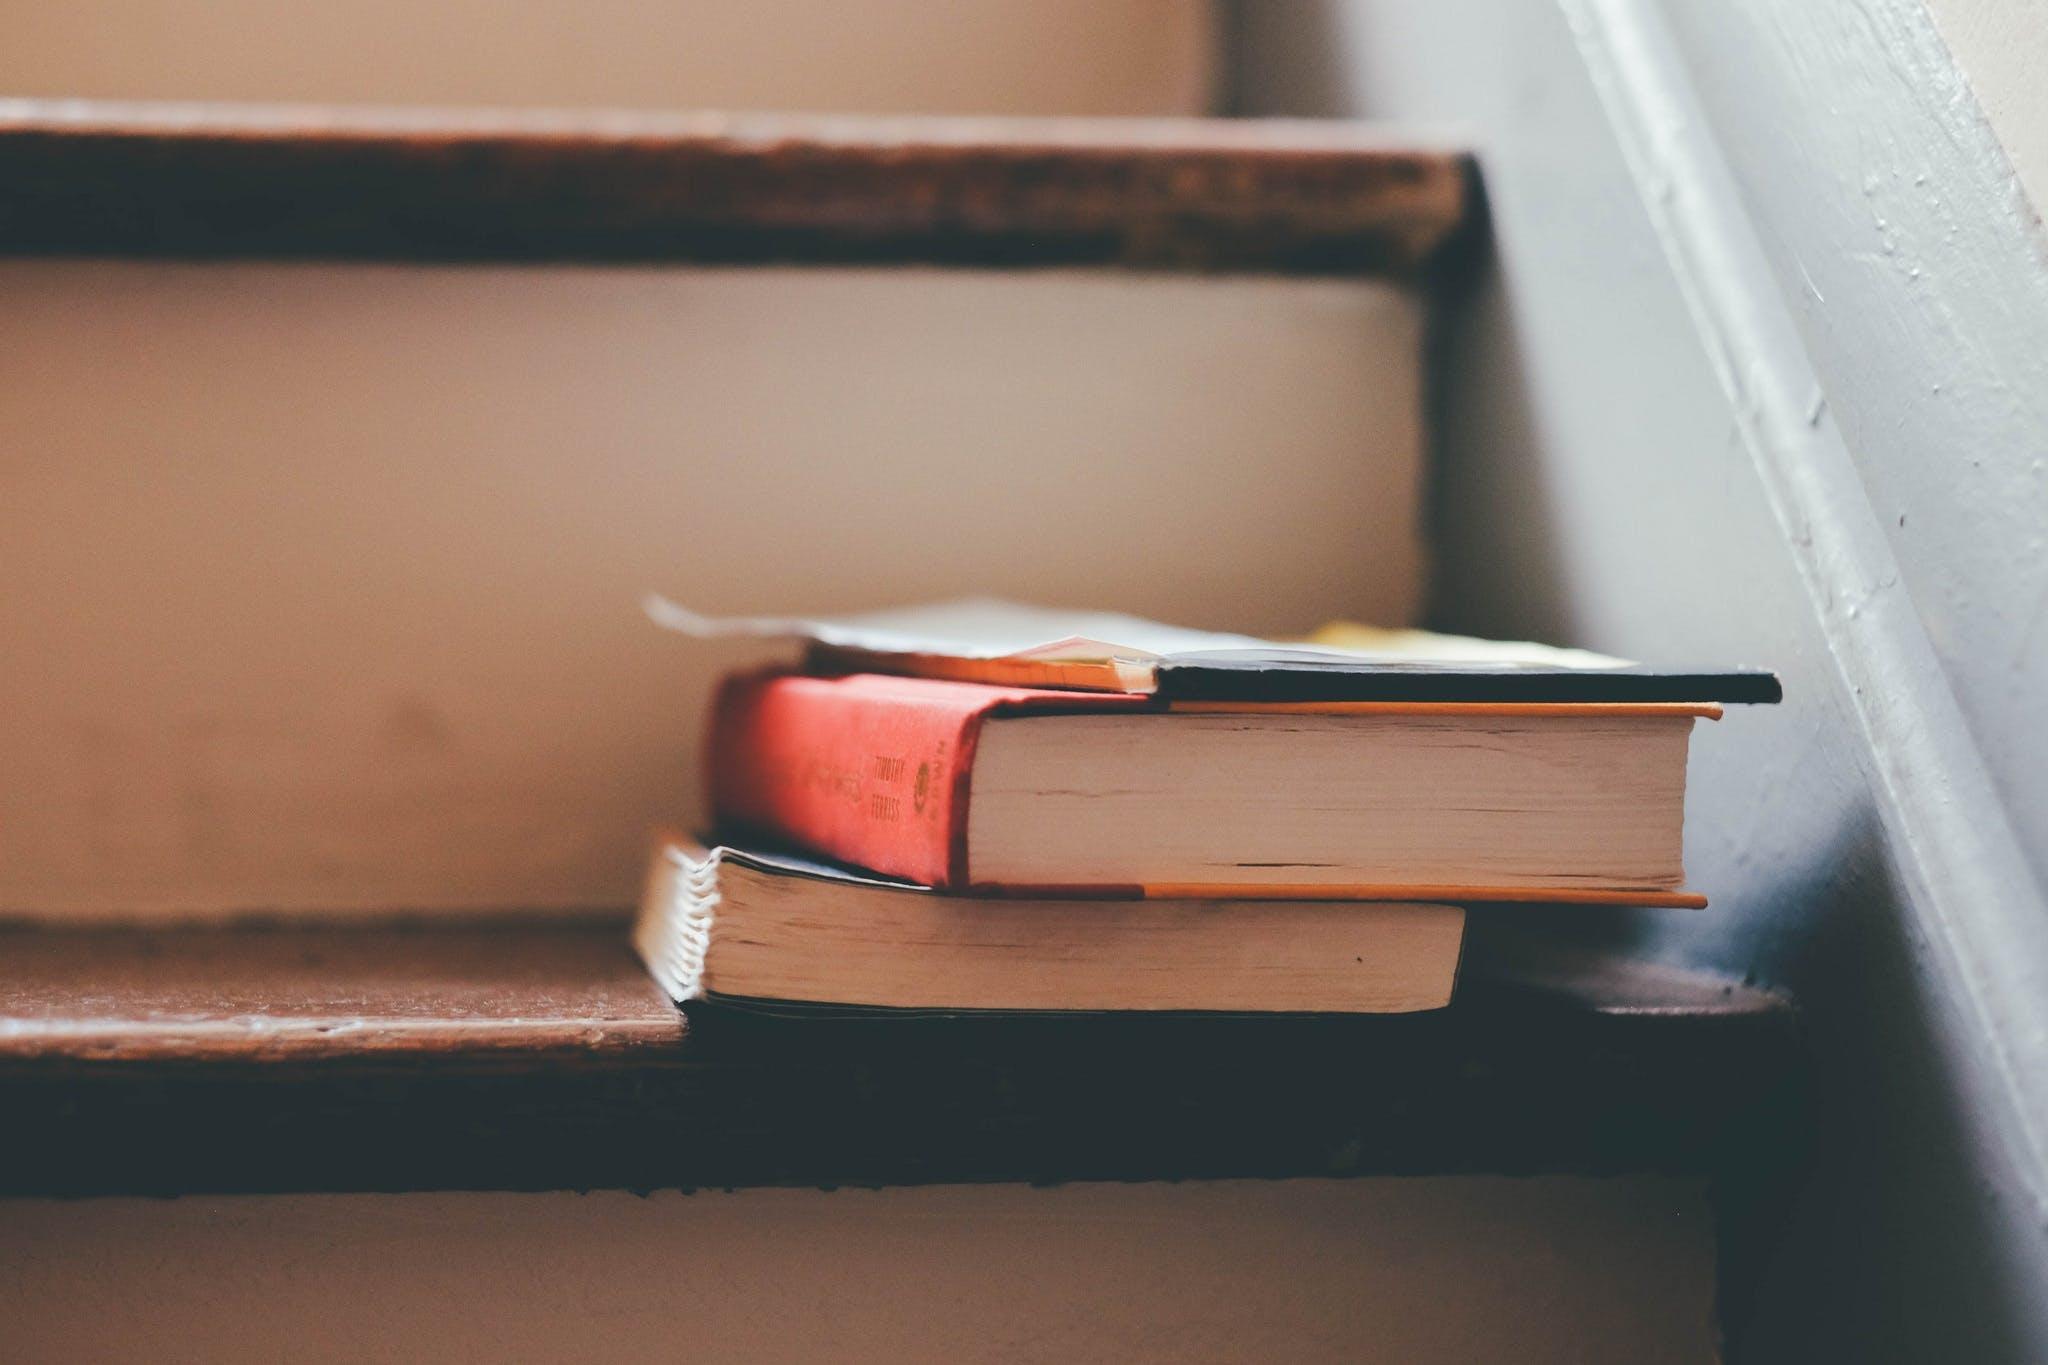 Hindari membuat ruang belajar anak menjadi penuh barang sehingga membuatnya harus belajar di tangga seperti ini. (Foto: Pexels)